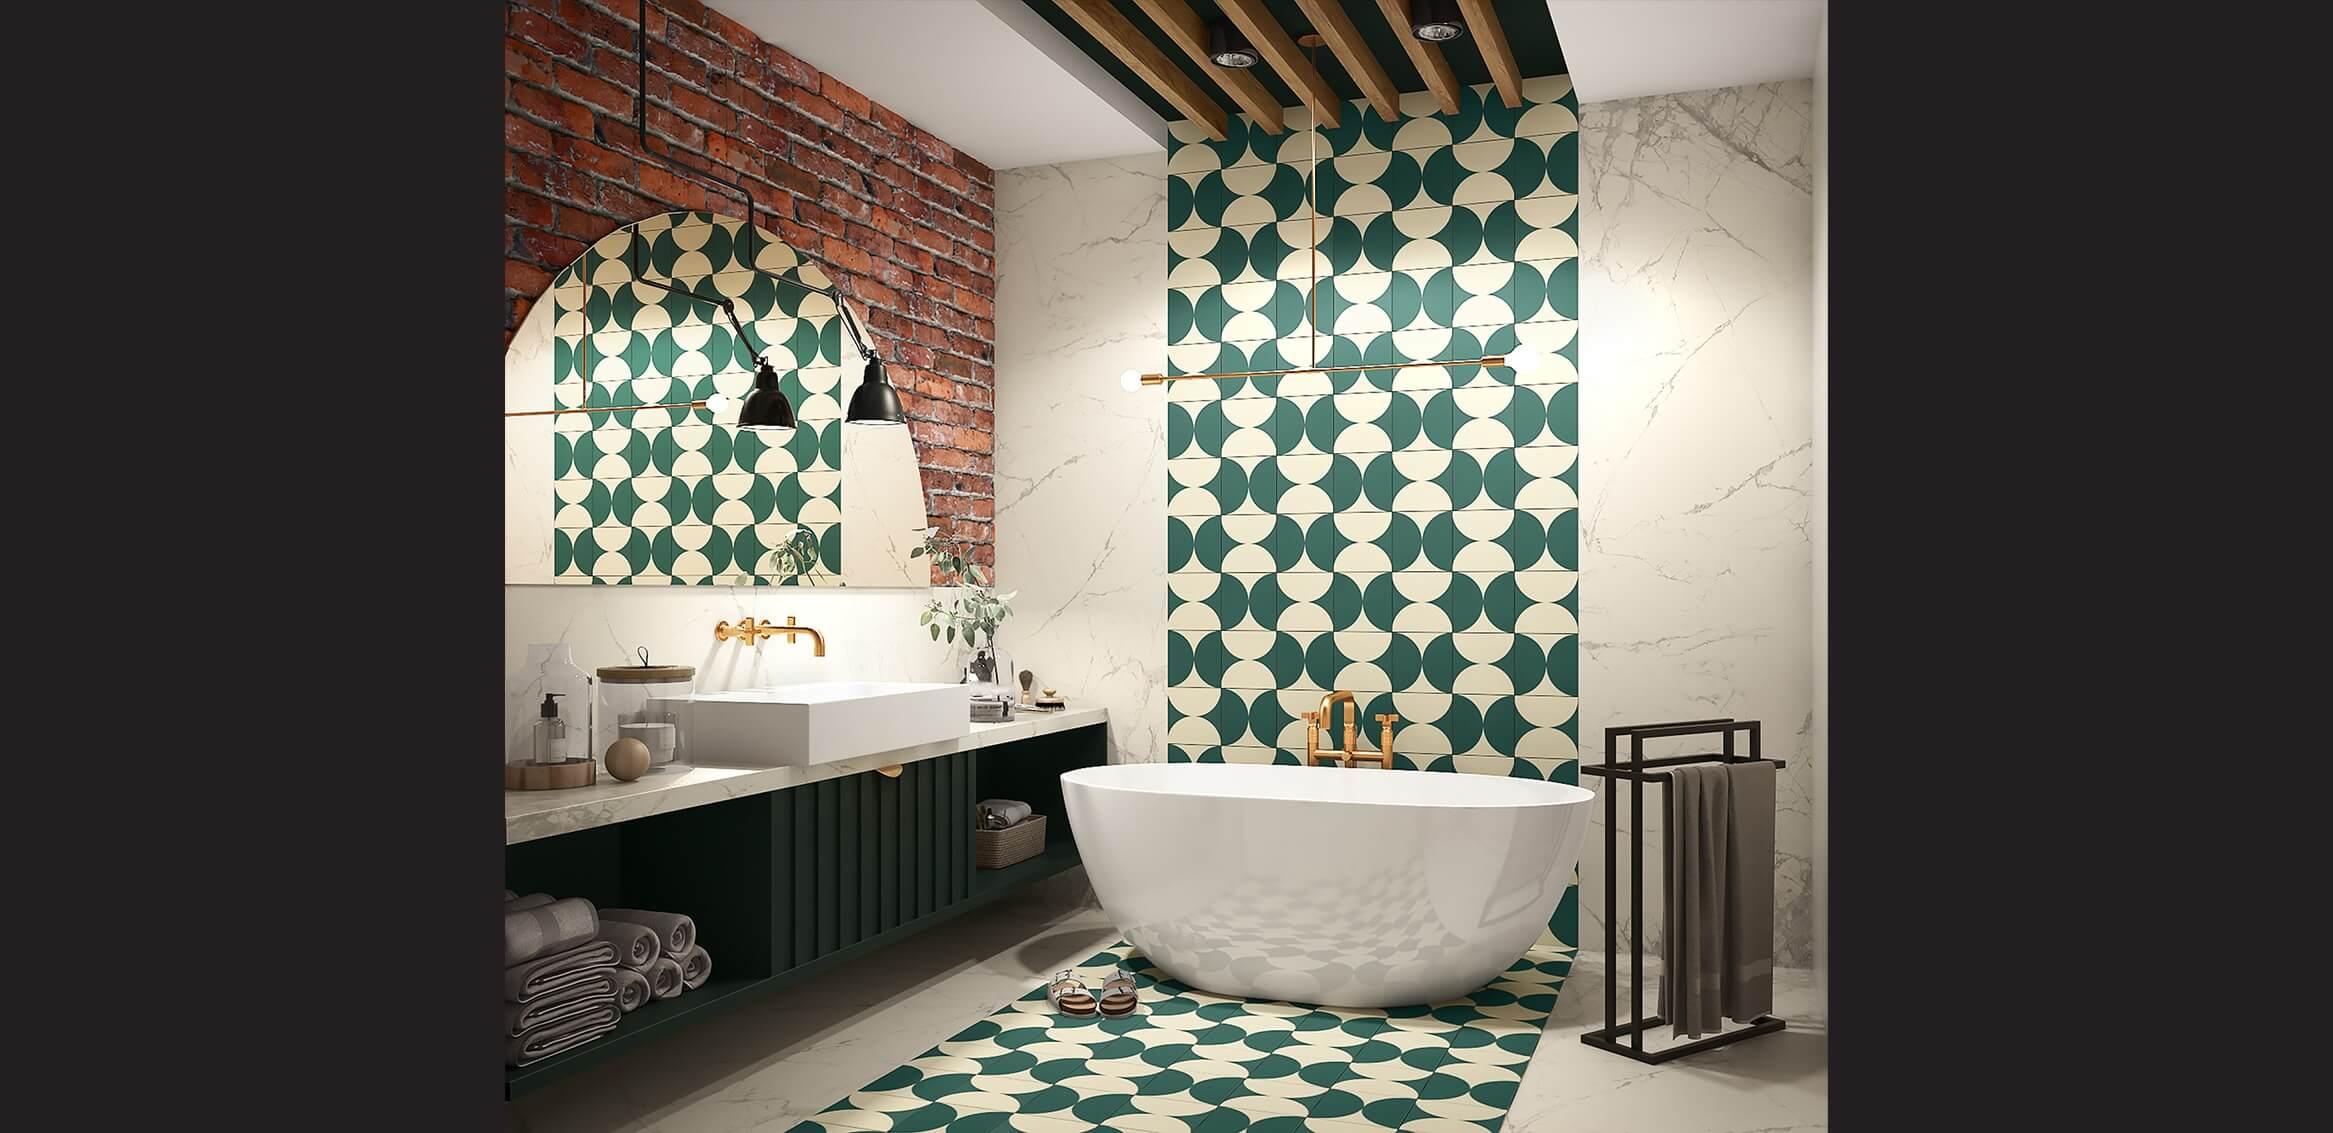 wizualizacja łazienki przedstawiająca produkty firmy zabawa w dom w użyciu, w szczególności wieszak metalowy na cztery ręczniki